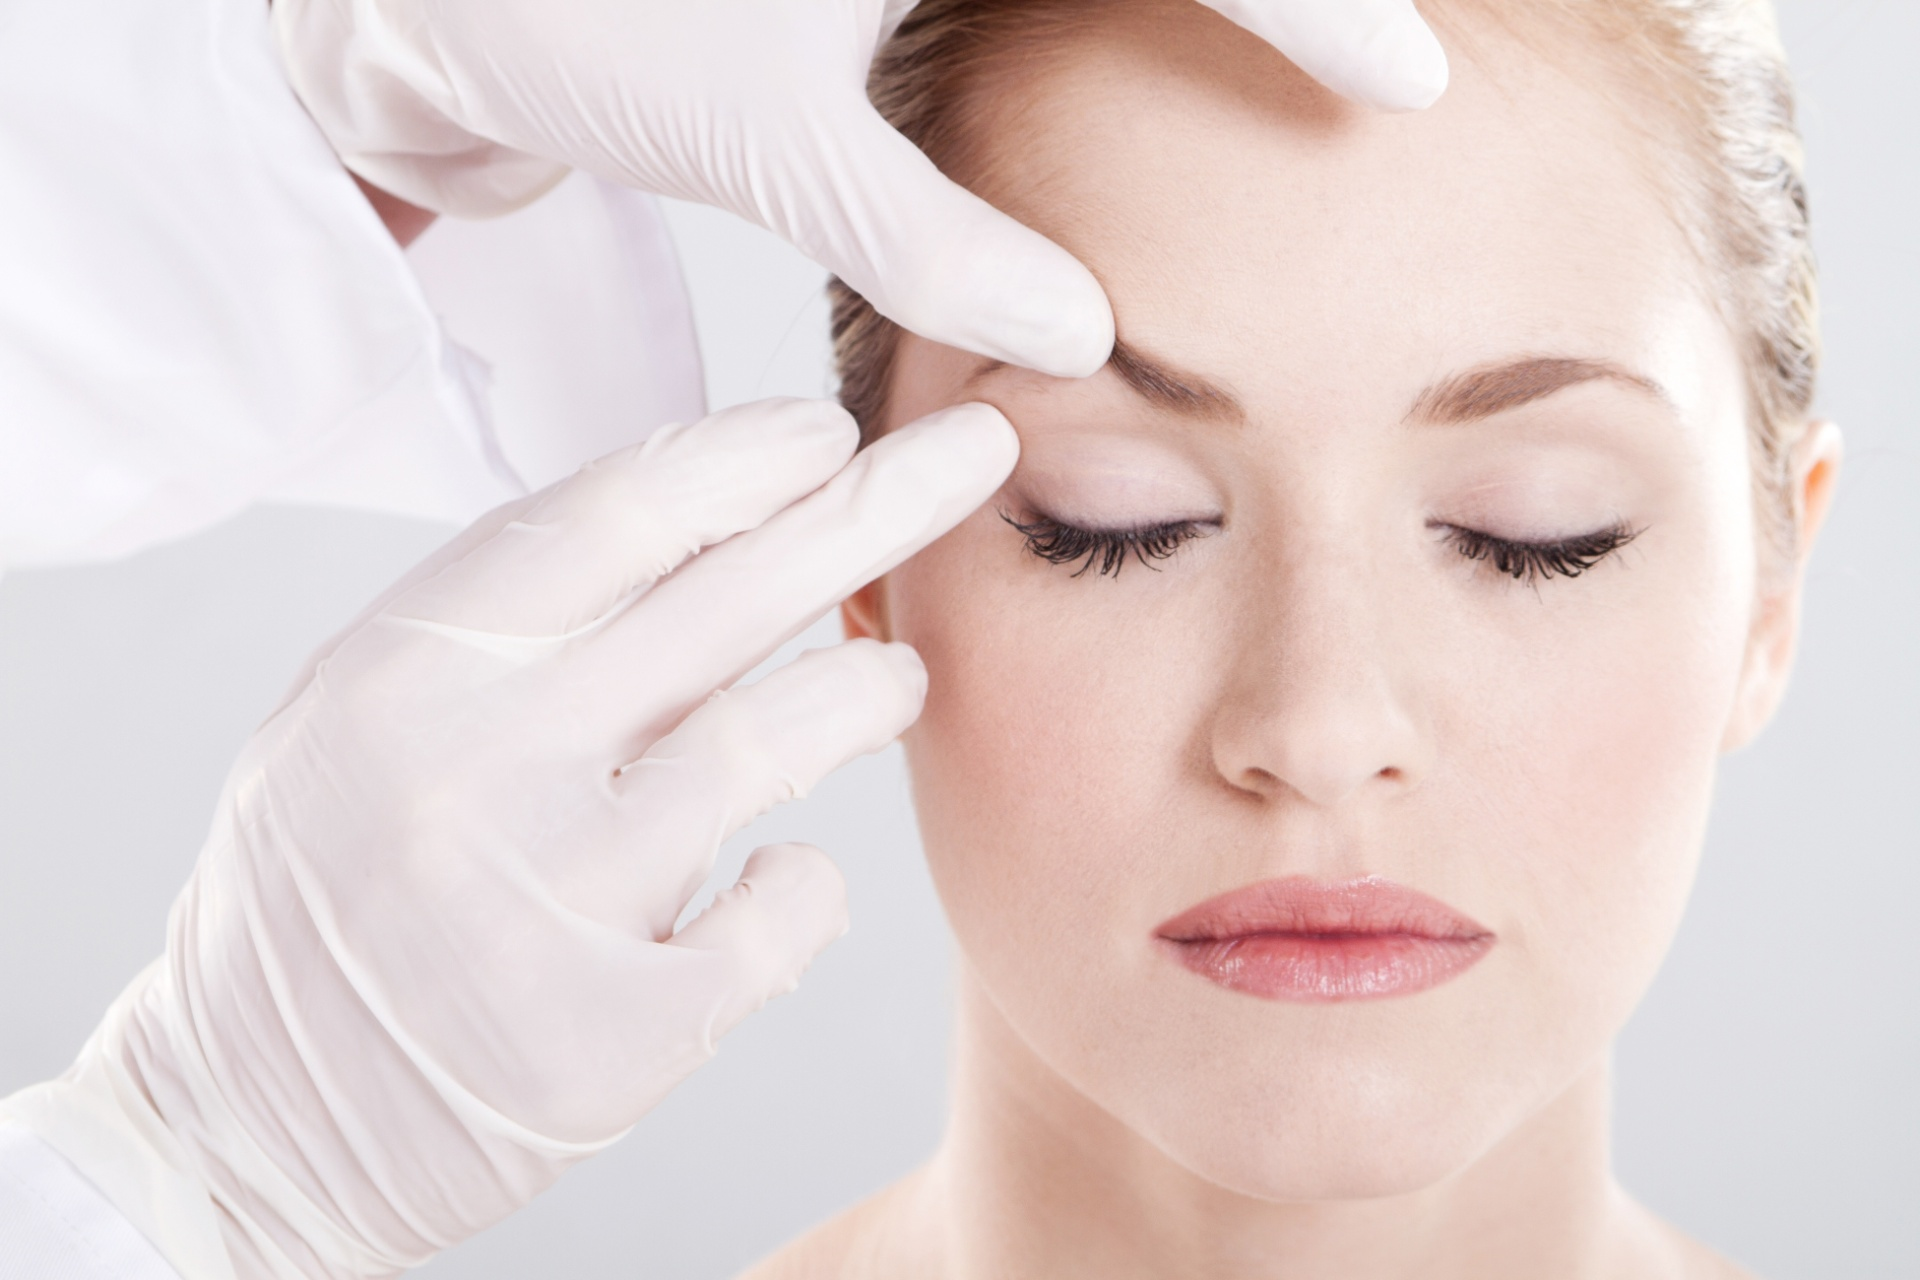 34958320220b8 10 aspectos sobre Botox antes de investir na técnica de rejuvenescimento -  21 03 2012 - UOL Universa